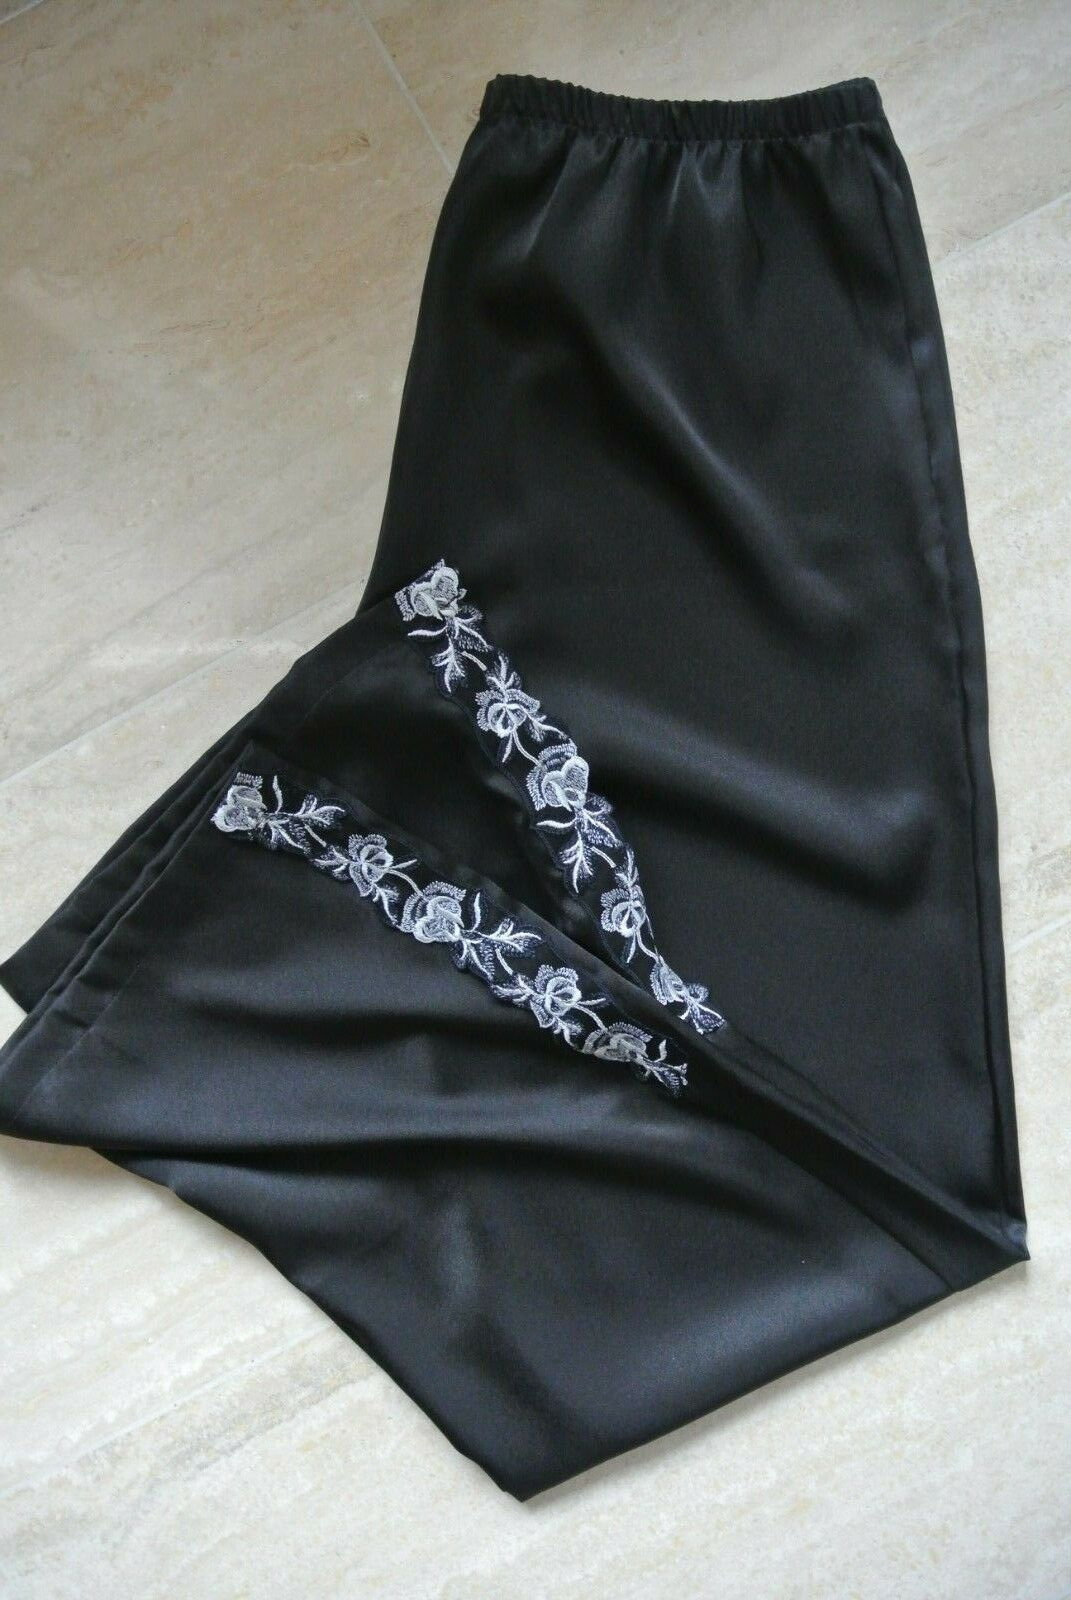 Lise Charmel Pyjama Hose, 38, 38, 38, schwarz, neu, Spitze seitlich am Saum, ausgefallen | Hohe Qualität Und Geringen Overhead  | Sehr gute Farbe  | Großartig  | Günstige  | Bunt,  59e7d0